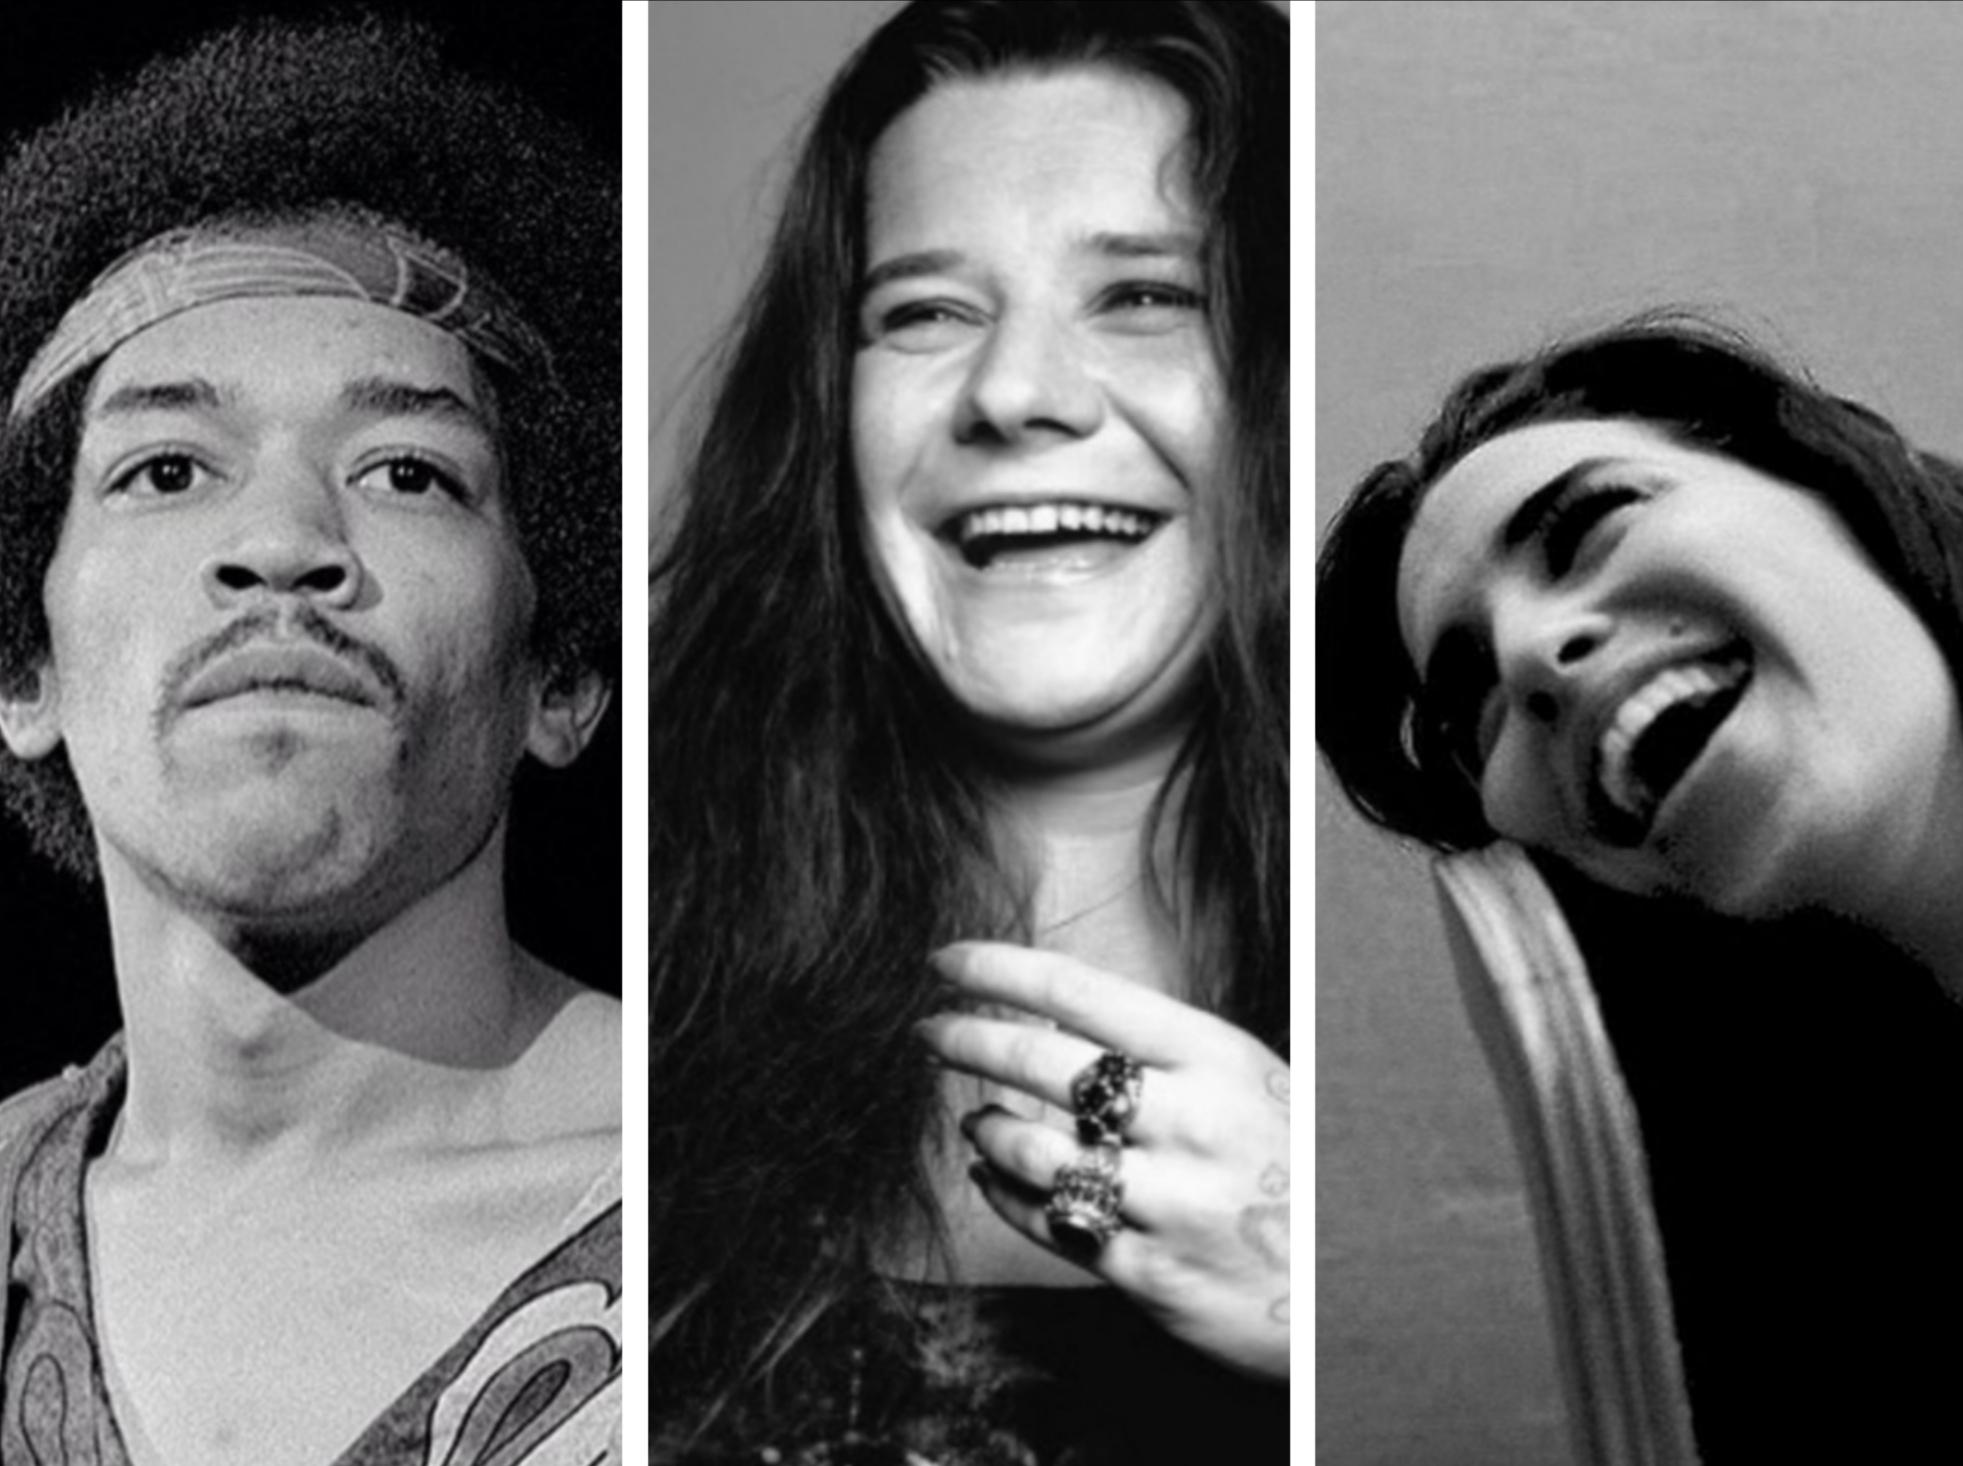 Hendrix, Joplin, ale aj Winehouse. Toto sú umelci, ktorí patria do Klubu 27!